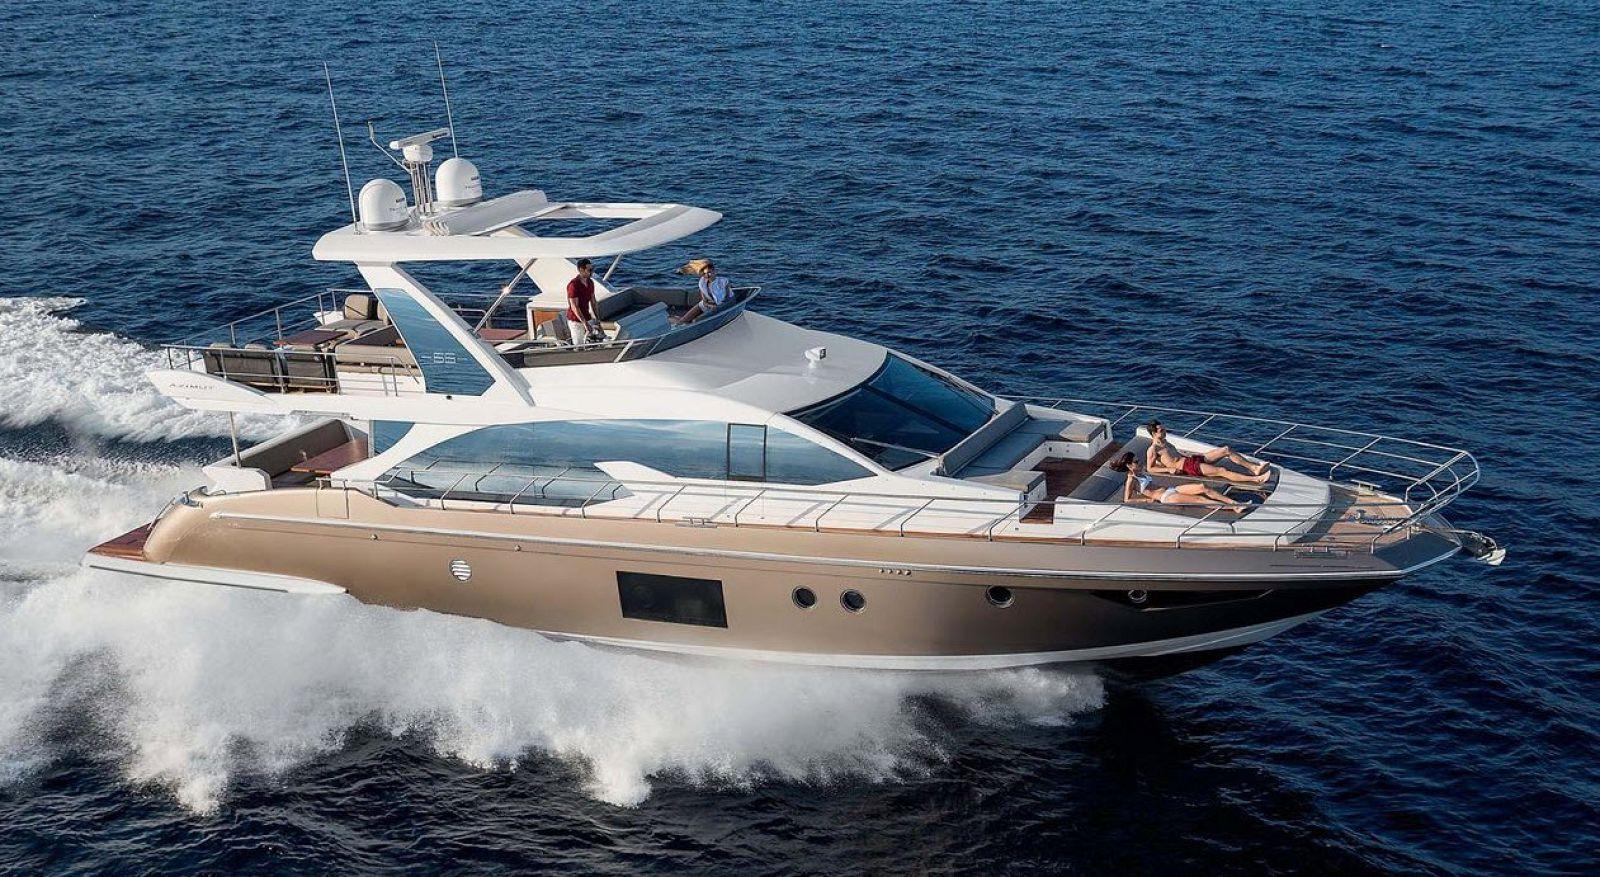 azimut 65 yacht for sale